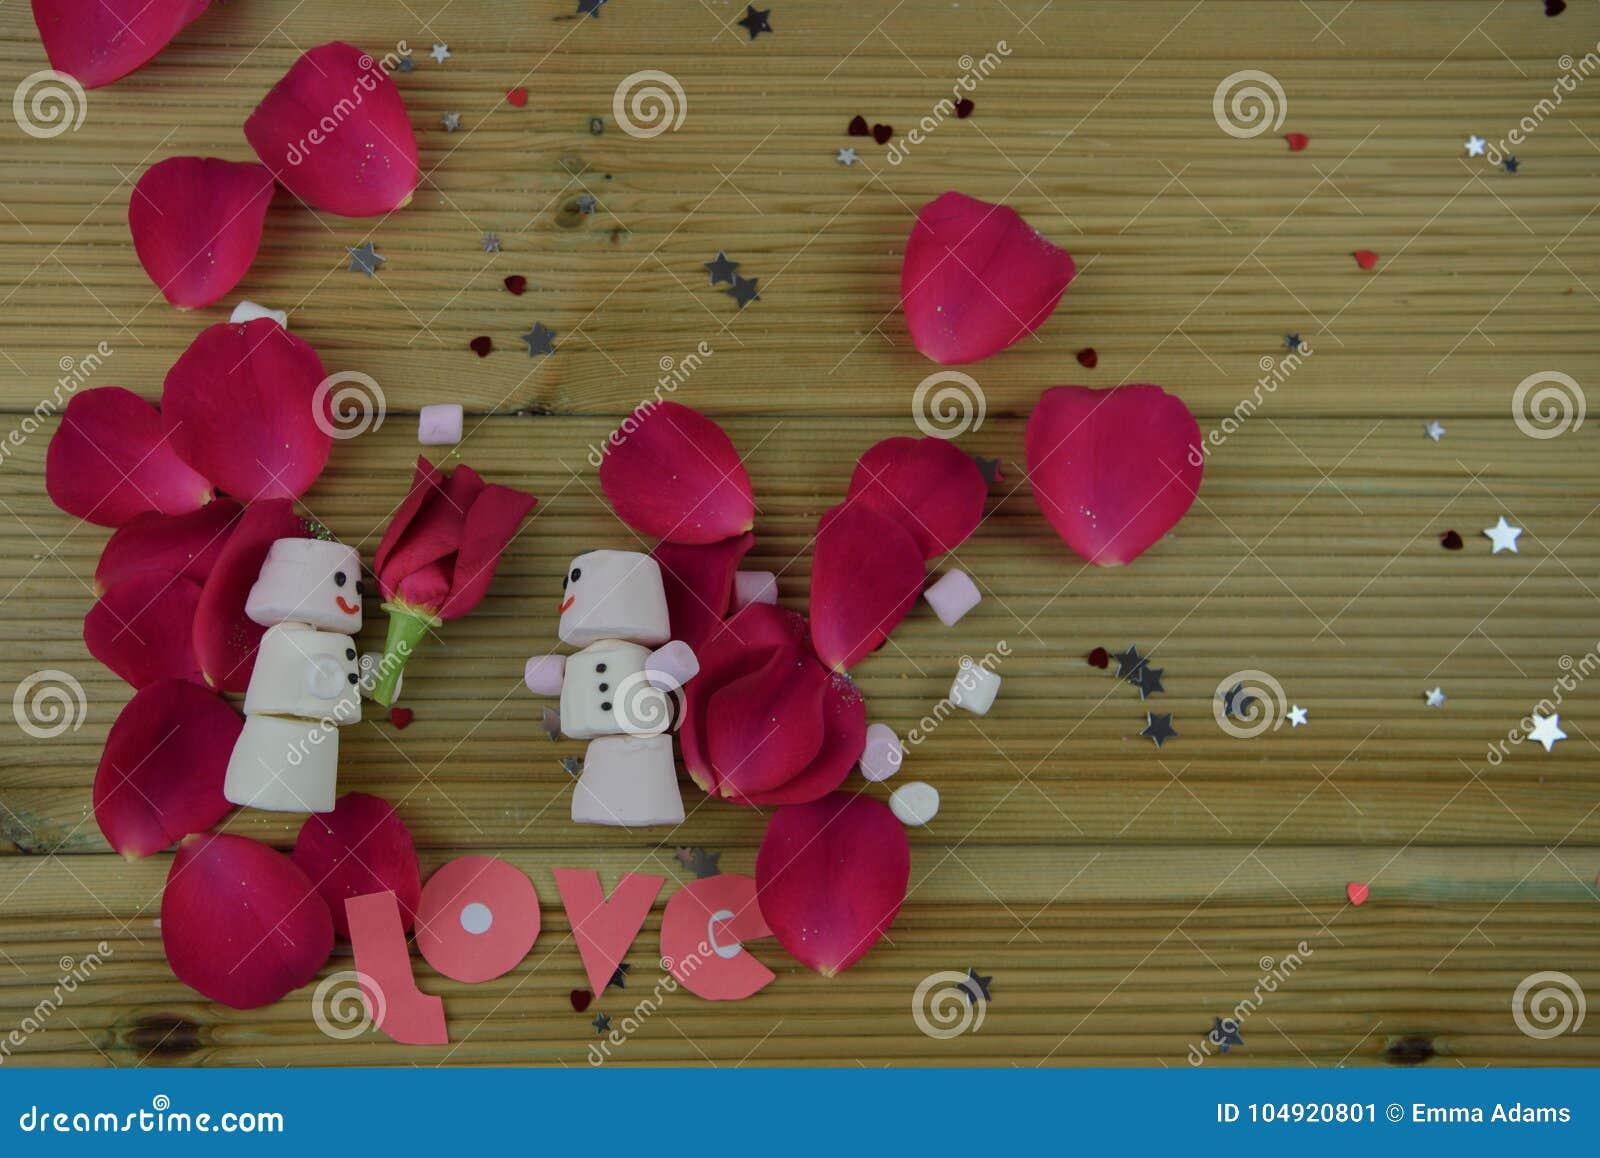 La imagen romántica de la fotografía de la estación del invierno con las melcochas formadas como muñeco de nieve con sonrisas hel